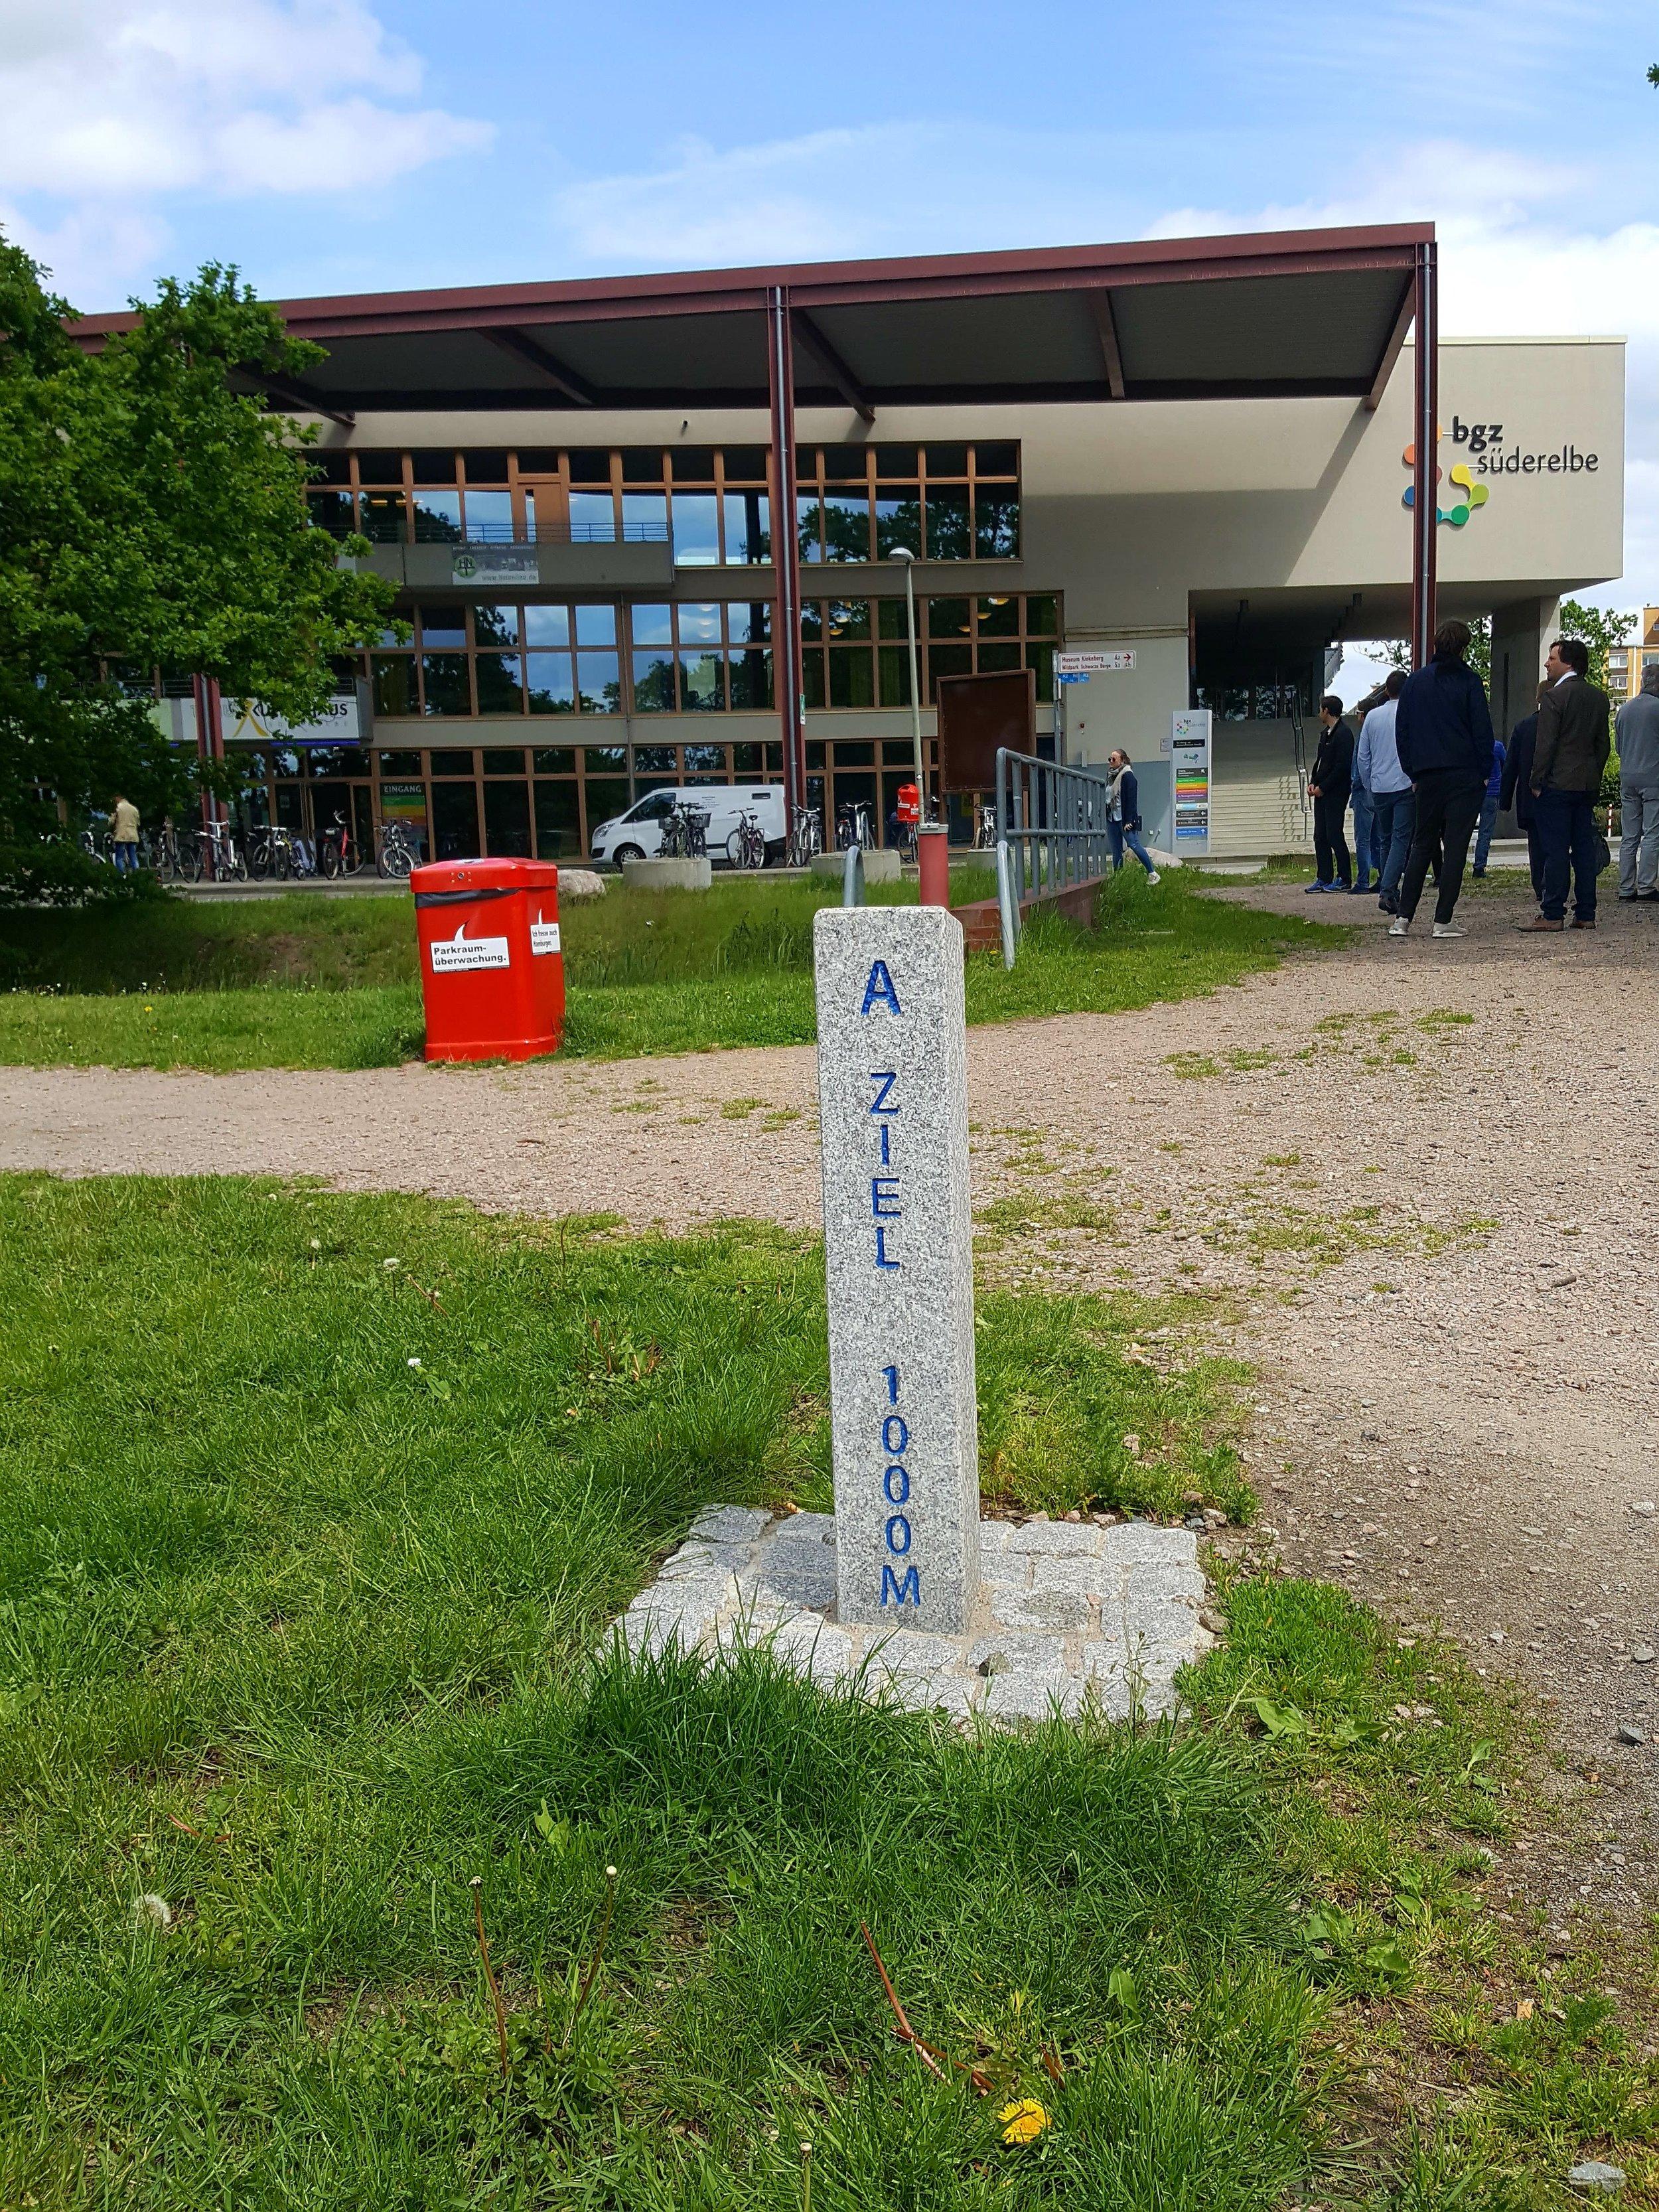 BGZ Süderelbe. Et forsøg på at binde skole, kultur, idræt og udendørs arealer sammen i et helt nyt og voksende boligområde.  Foto: Henrik H. Brandt